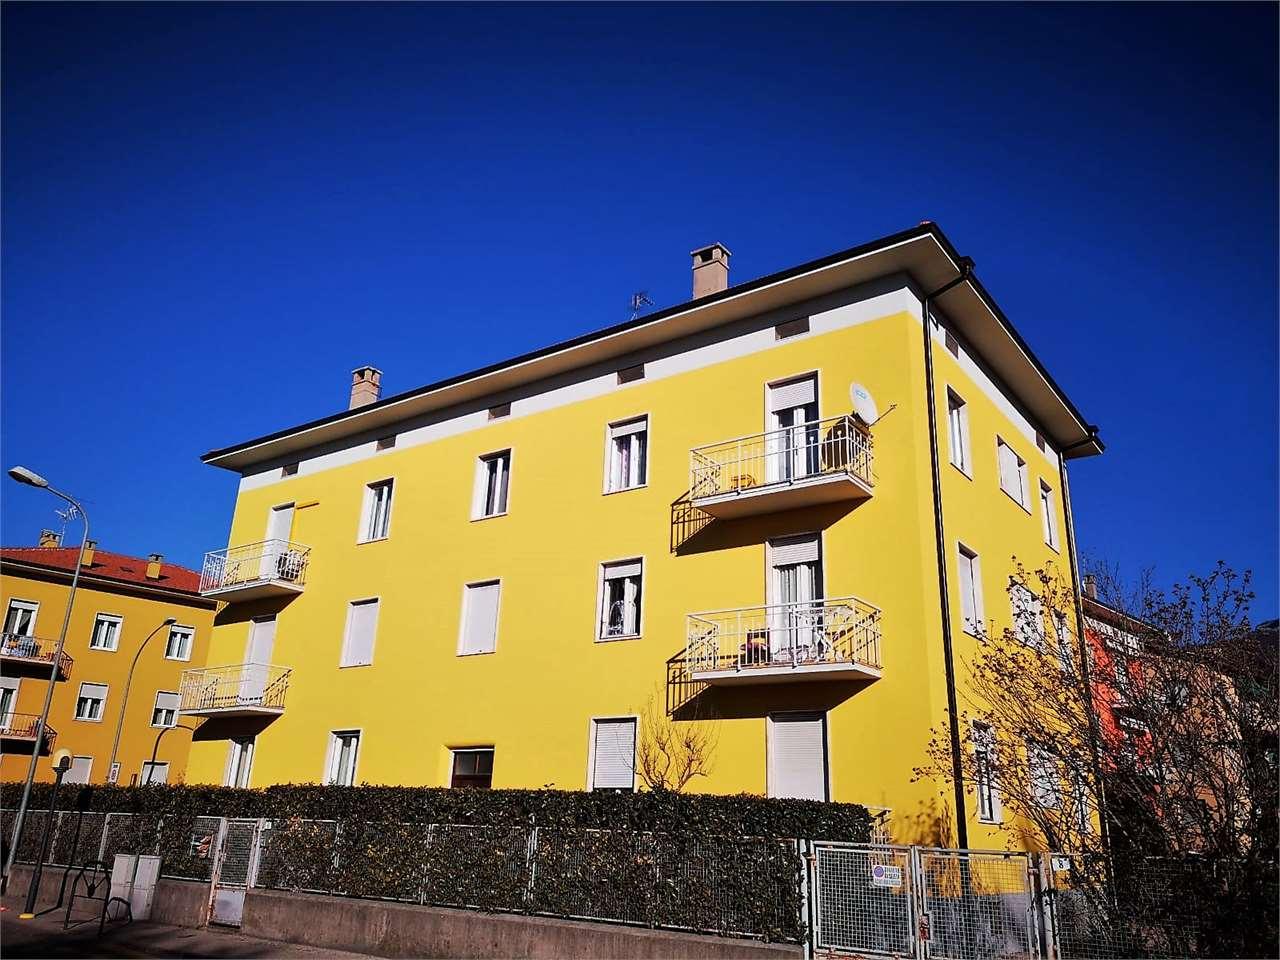 Appartamento in vendita rovereto id 35333 for Arredamento rovereto